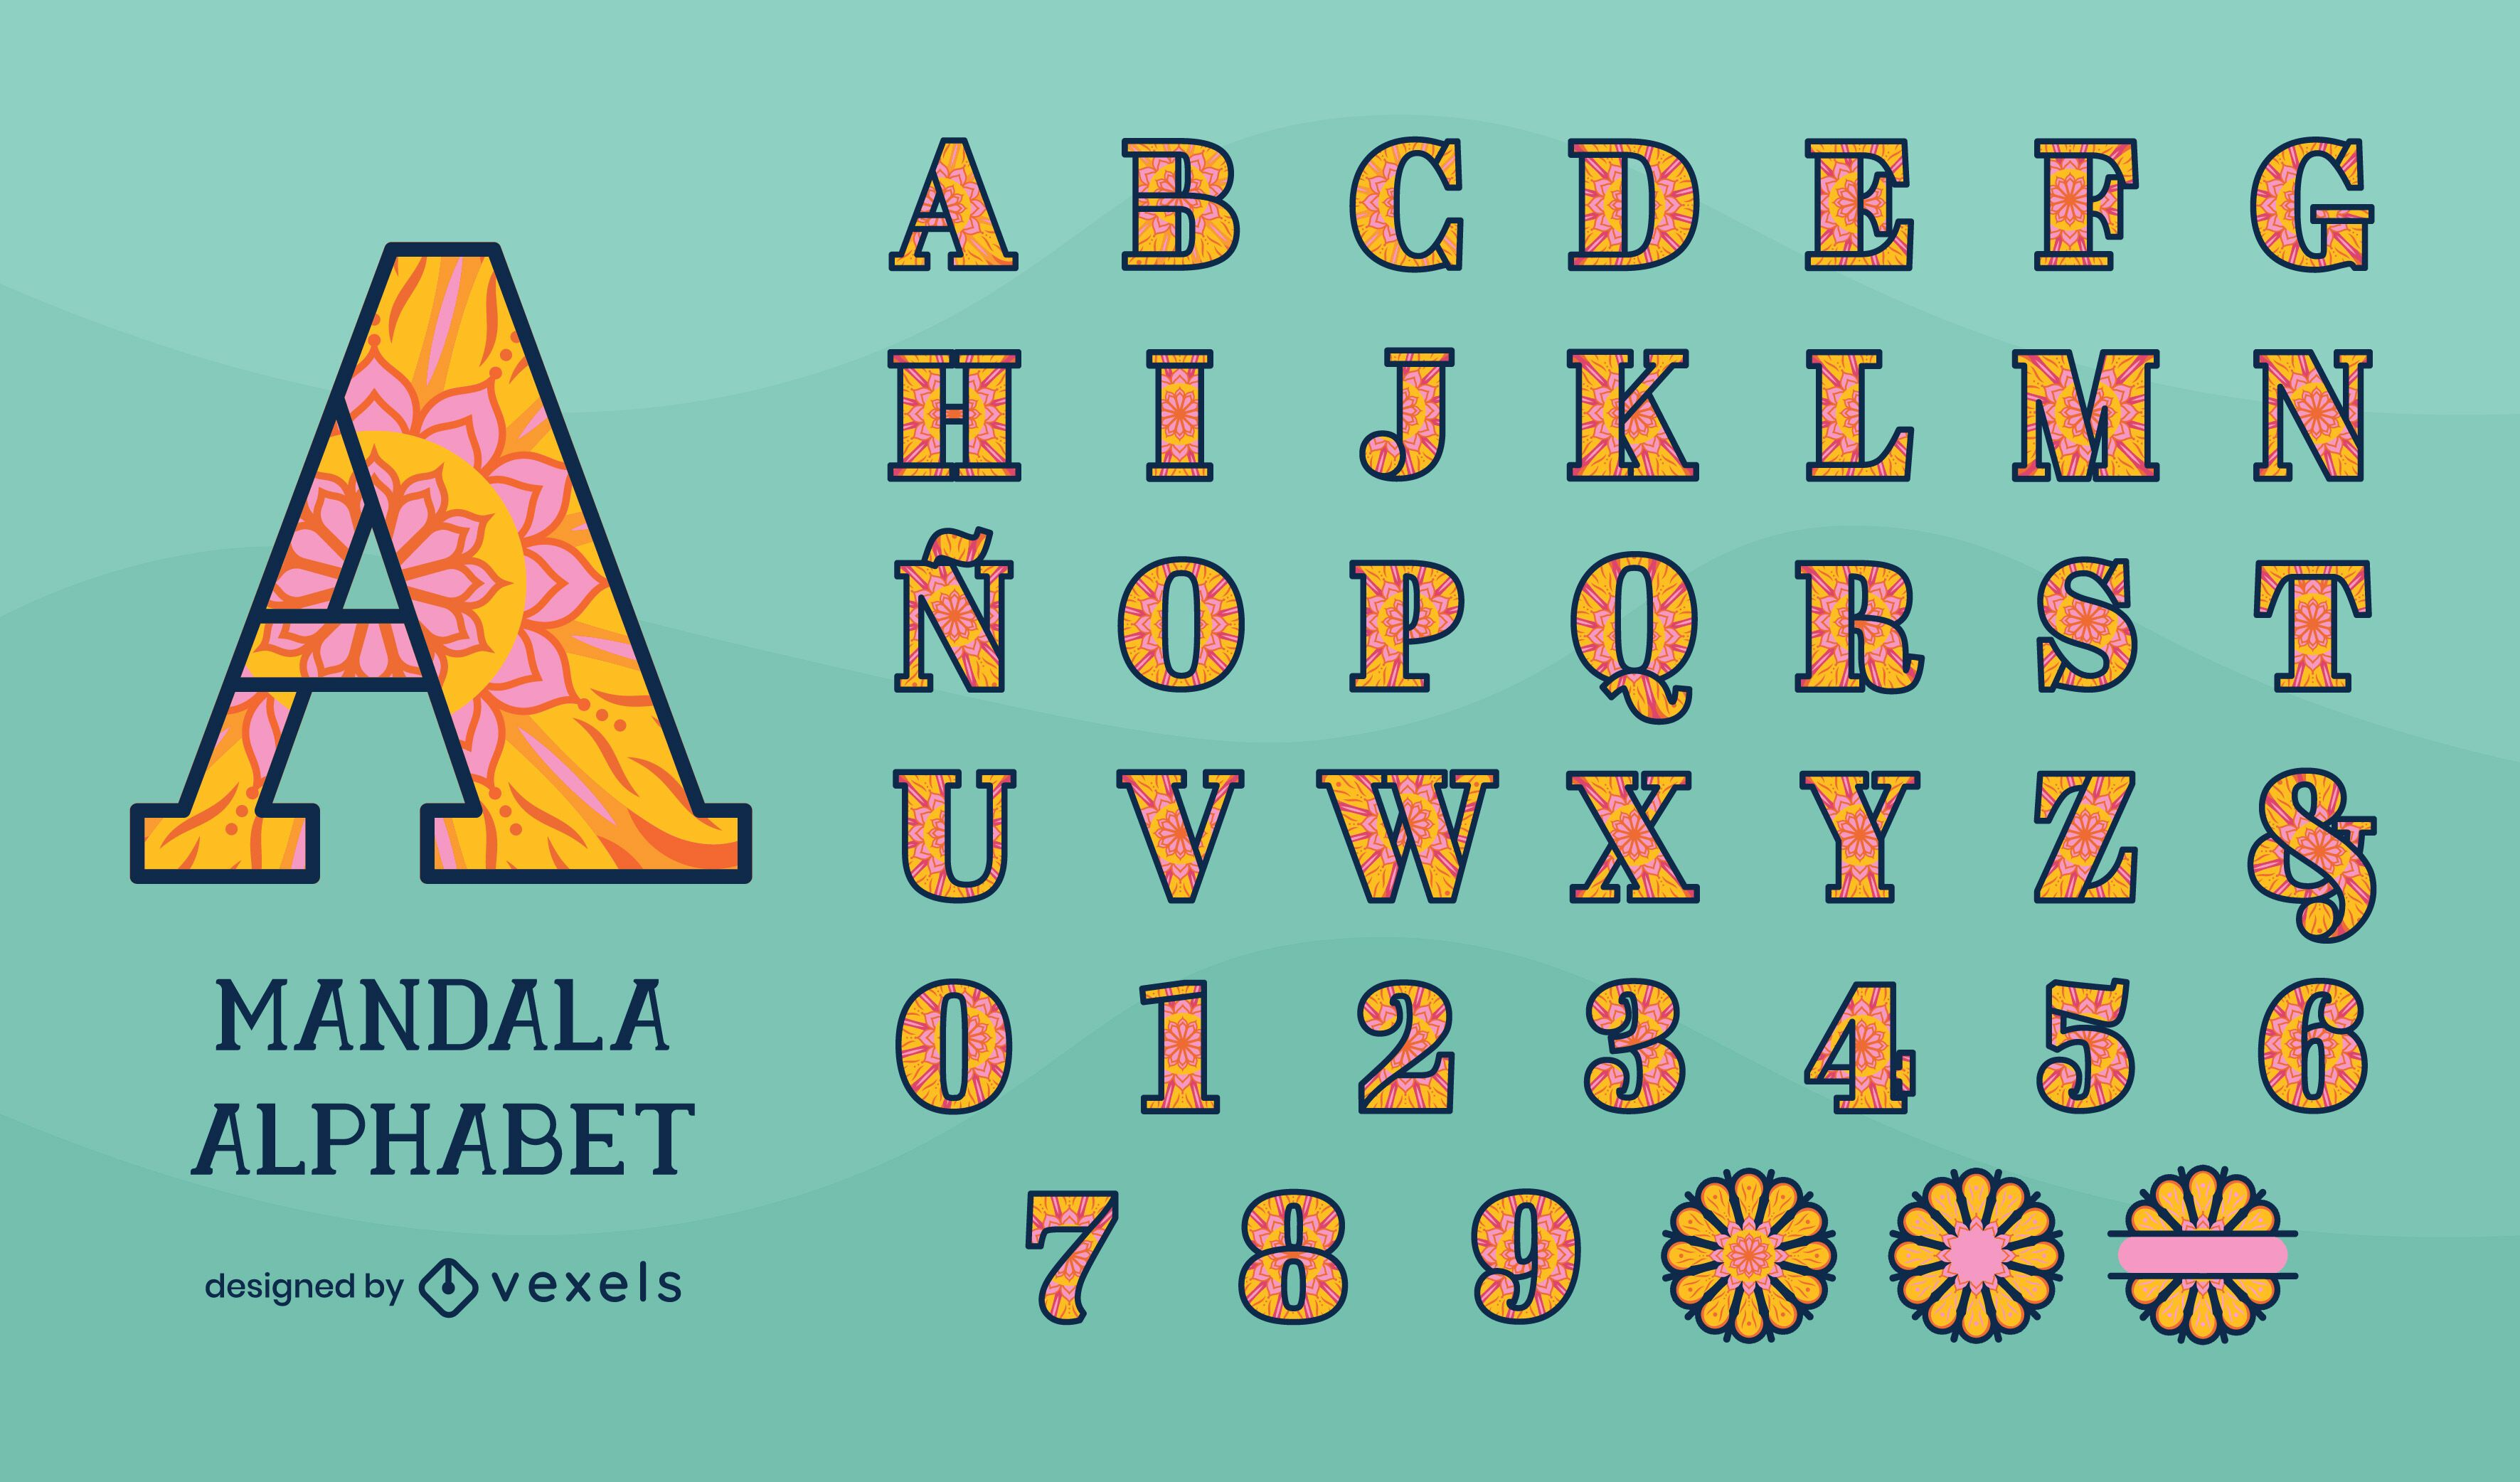 Diseño de alfabeto en estilo floral mandala.